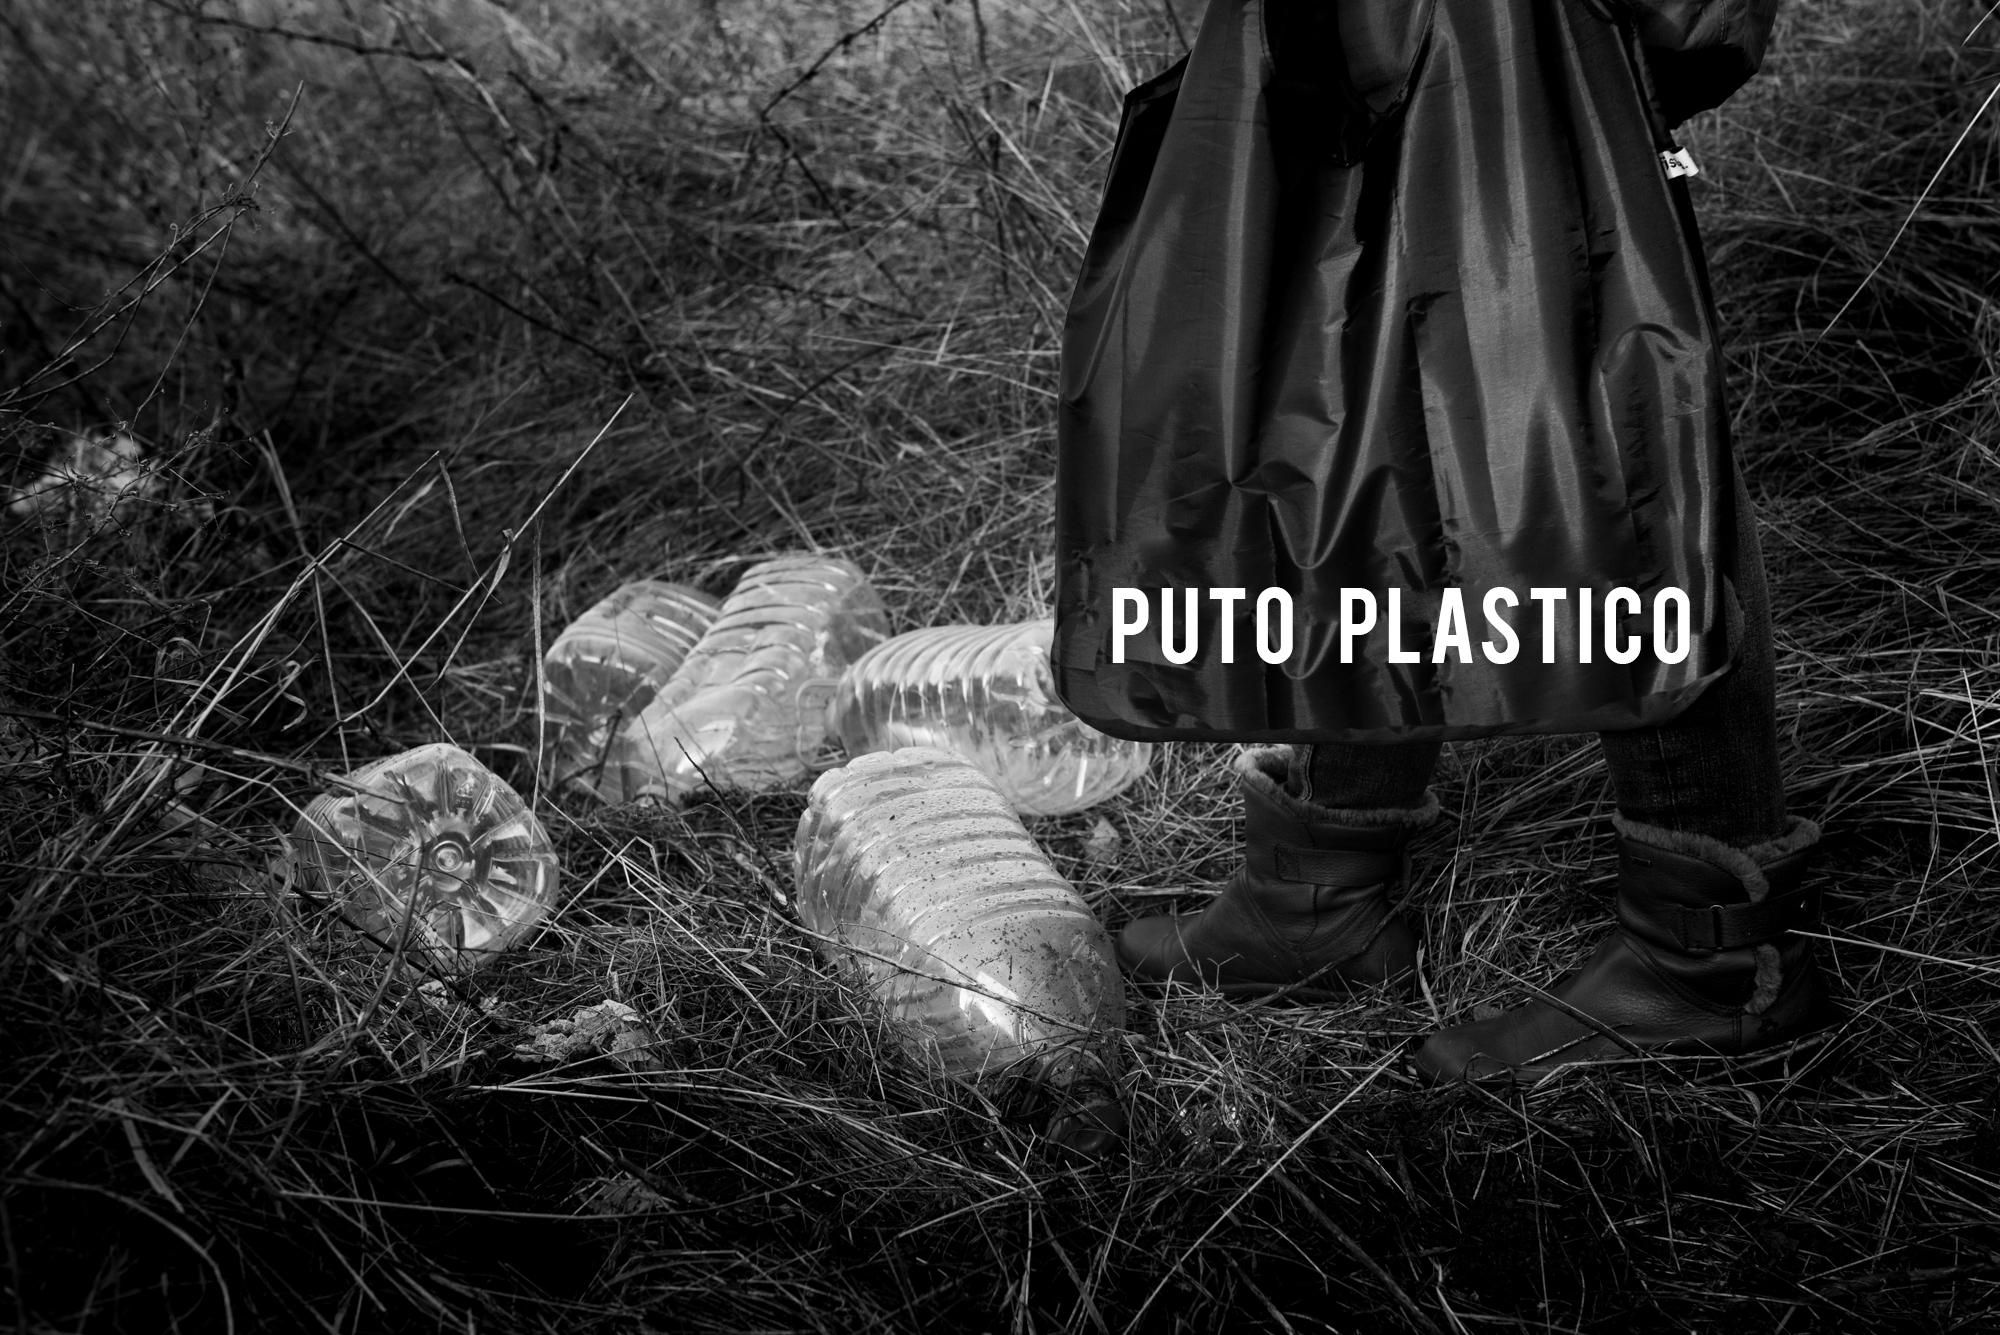 bolsa-puto-plástico